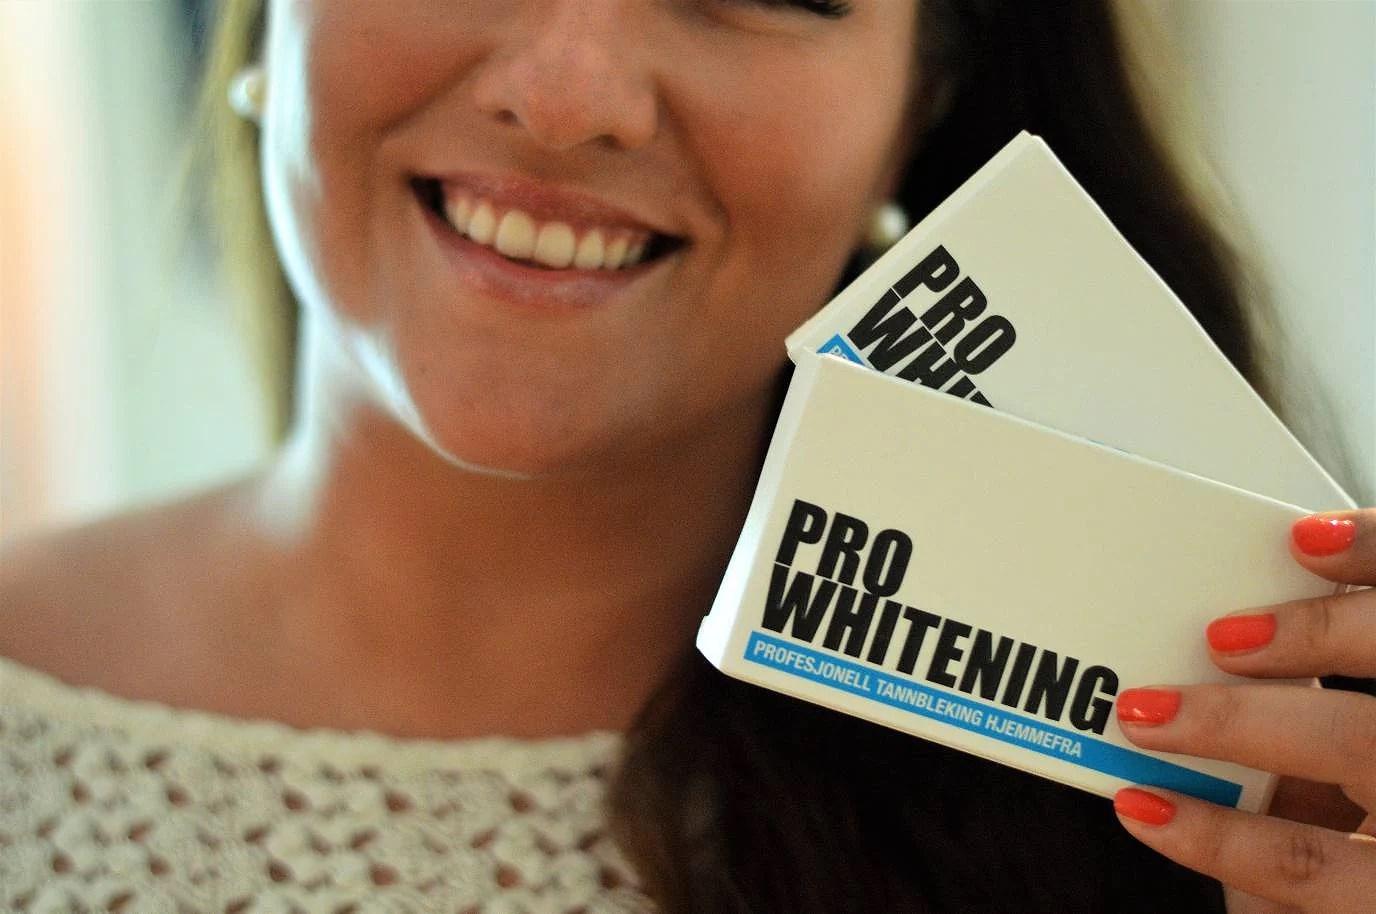 Testing av tannbleking fra ProWhitening.no